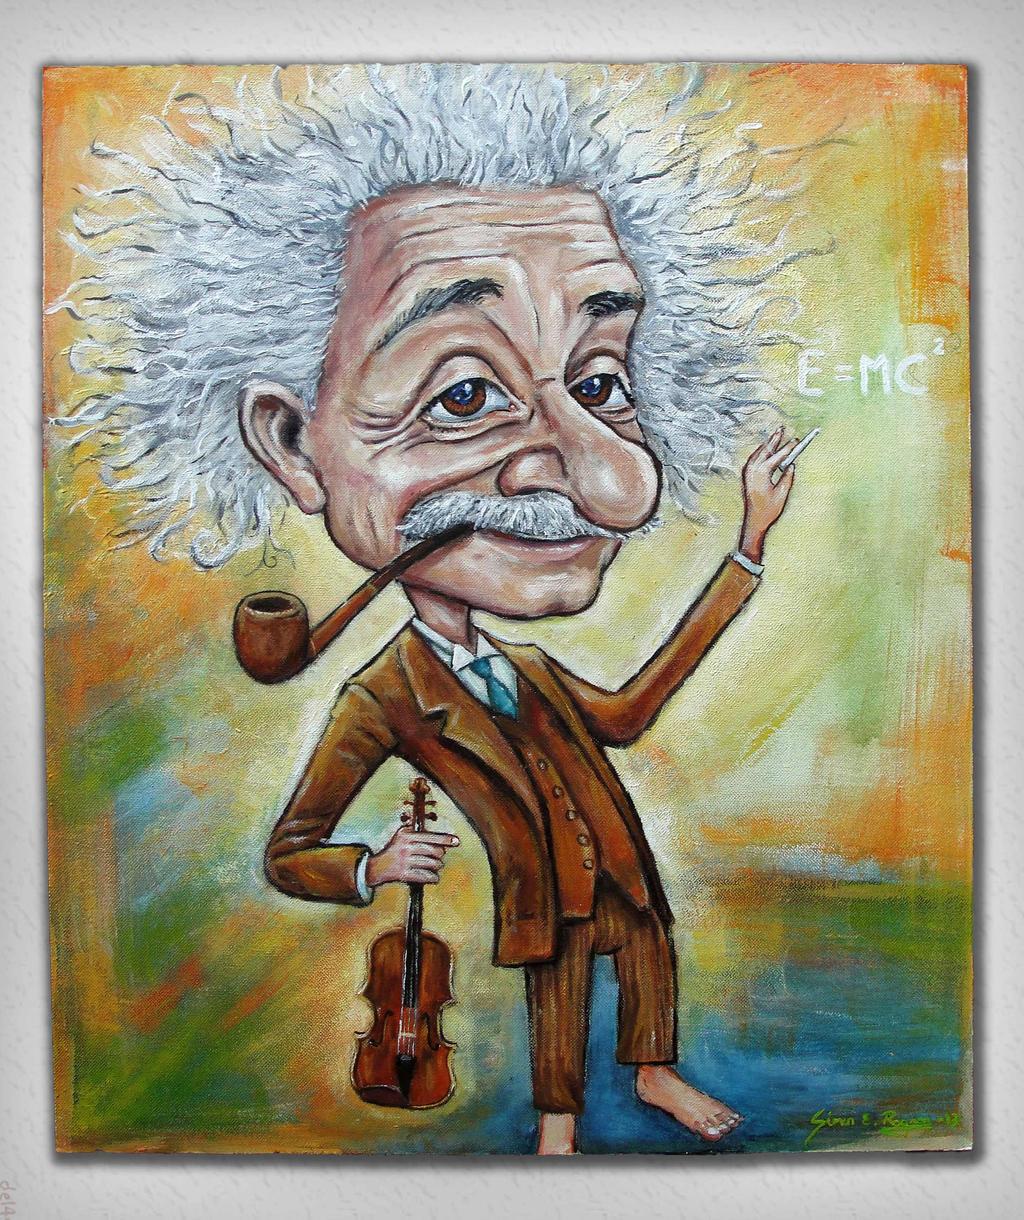 Albert Einstein caricature by Caricatureart on DeviantArt